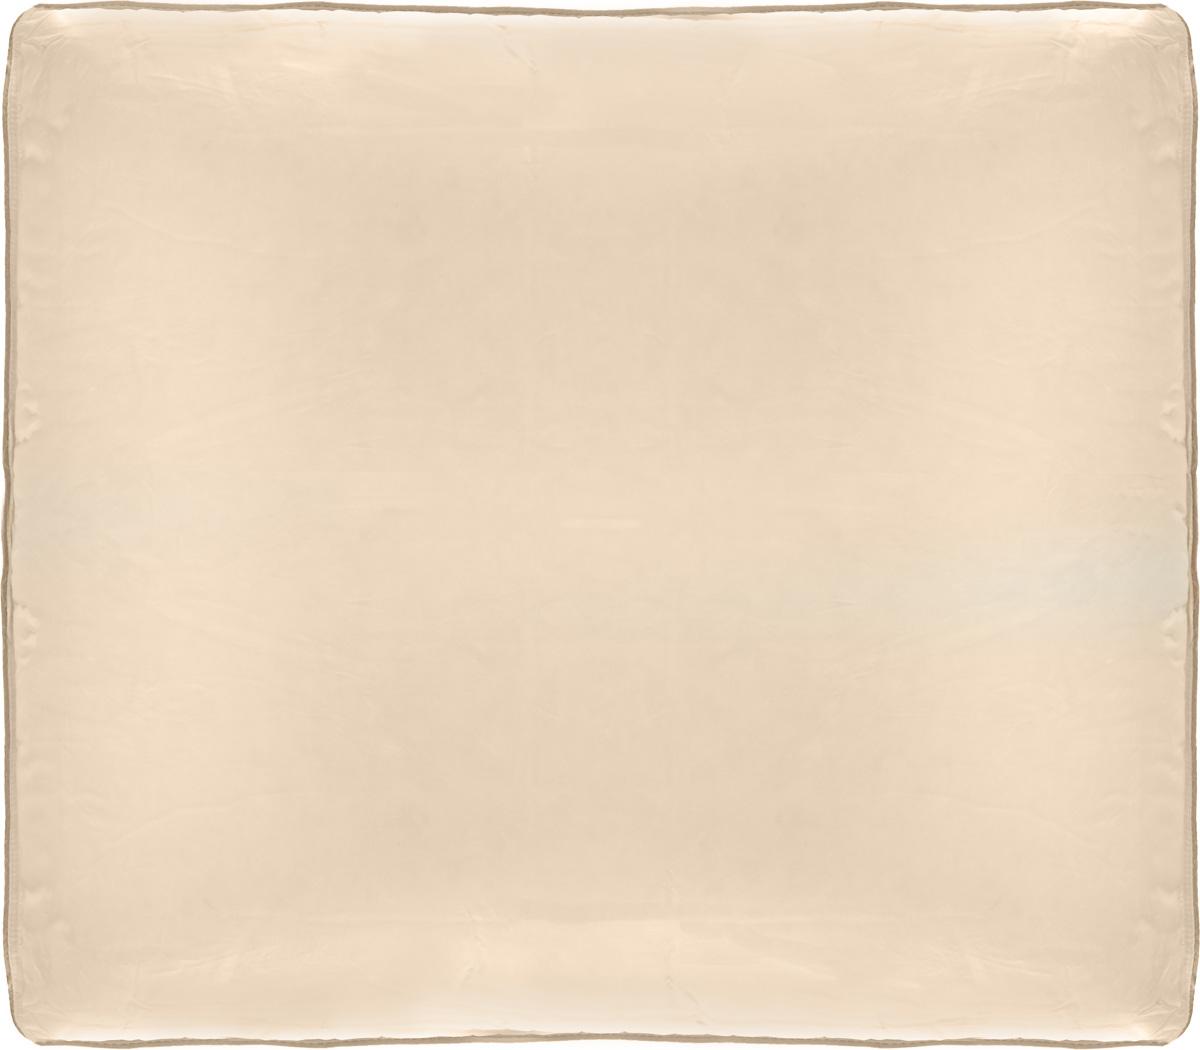 Подушка Легкие сны Капучино, наполнитель: гусиный пух категории Экстра, 68 х 68 см531-105Подушка Легкие сны Капучино поможет расслабиться, снимет усталость и подарит вам спокойный и здоровый сон. Наполнителем этой подушки является воздушный и легкий гусиный пух категории Экстра. Чехол выполнен из гладкого, шелковистого и при этом достаточно прочного сатина (100% хлопок) карамельного цвета. По краю подушки выполнена отделка атласным кантом бежевого цвета. Это отличный вариант для подарка себе и своим близким и любимым. Подушку можно стирать в стиральной машине. Степень поддержки: средняя.